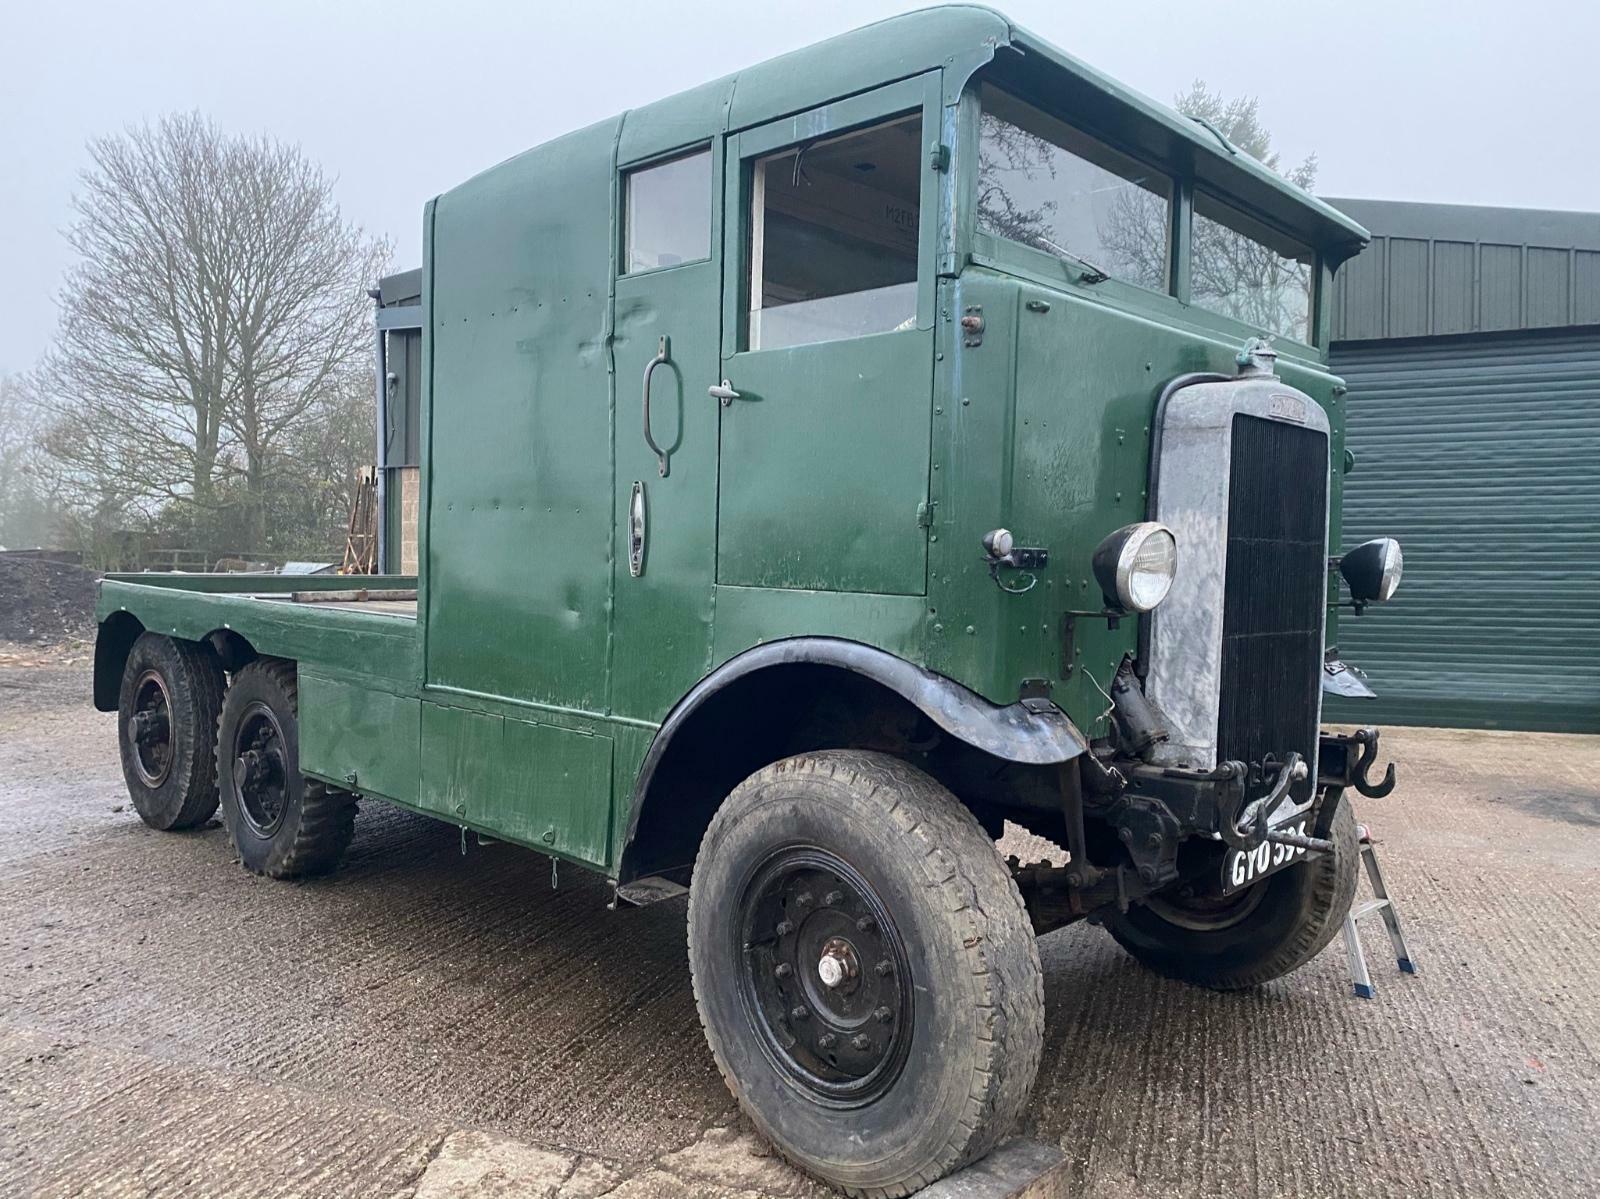 Image 1 - Leyland Retriever WW11 / War Time Lorry